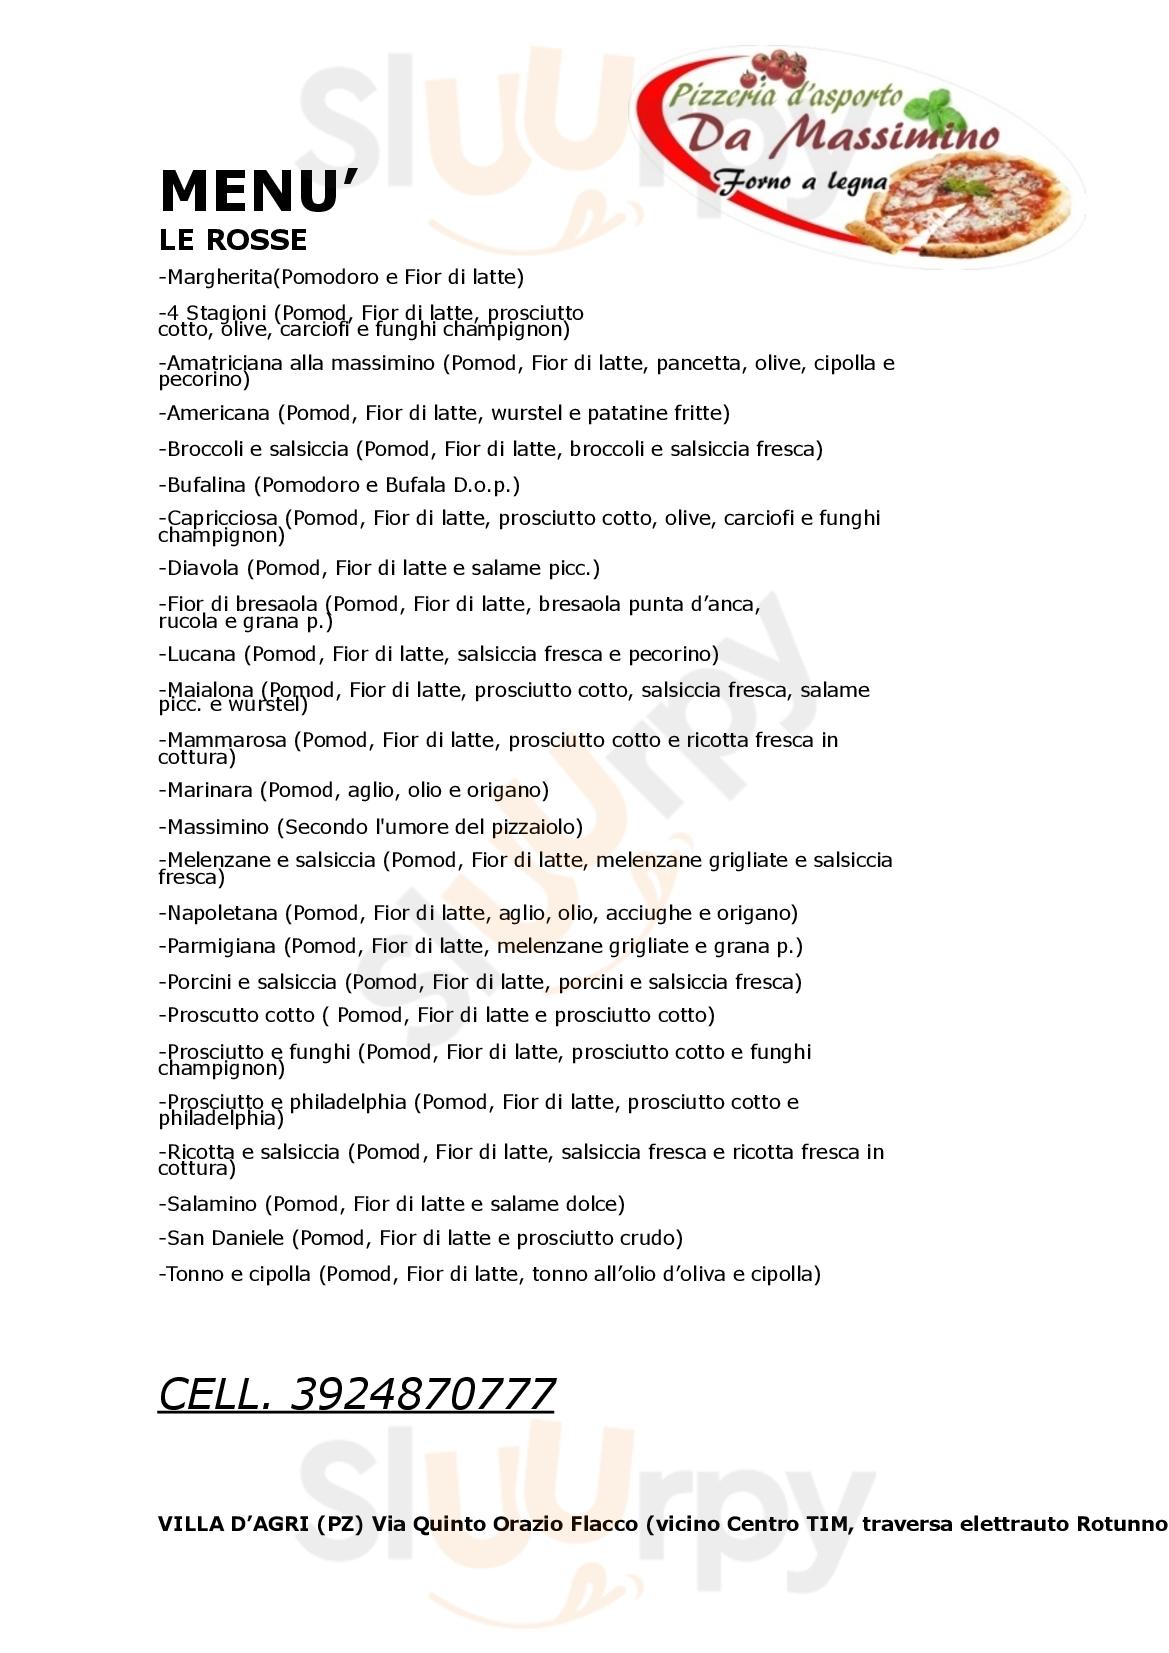 Pizzeria D'asporto Da Massimino Marsicovetere menù 1 pagina